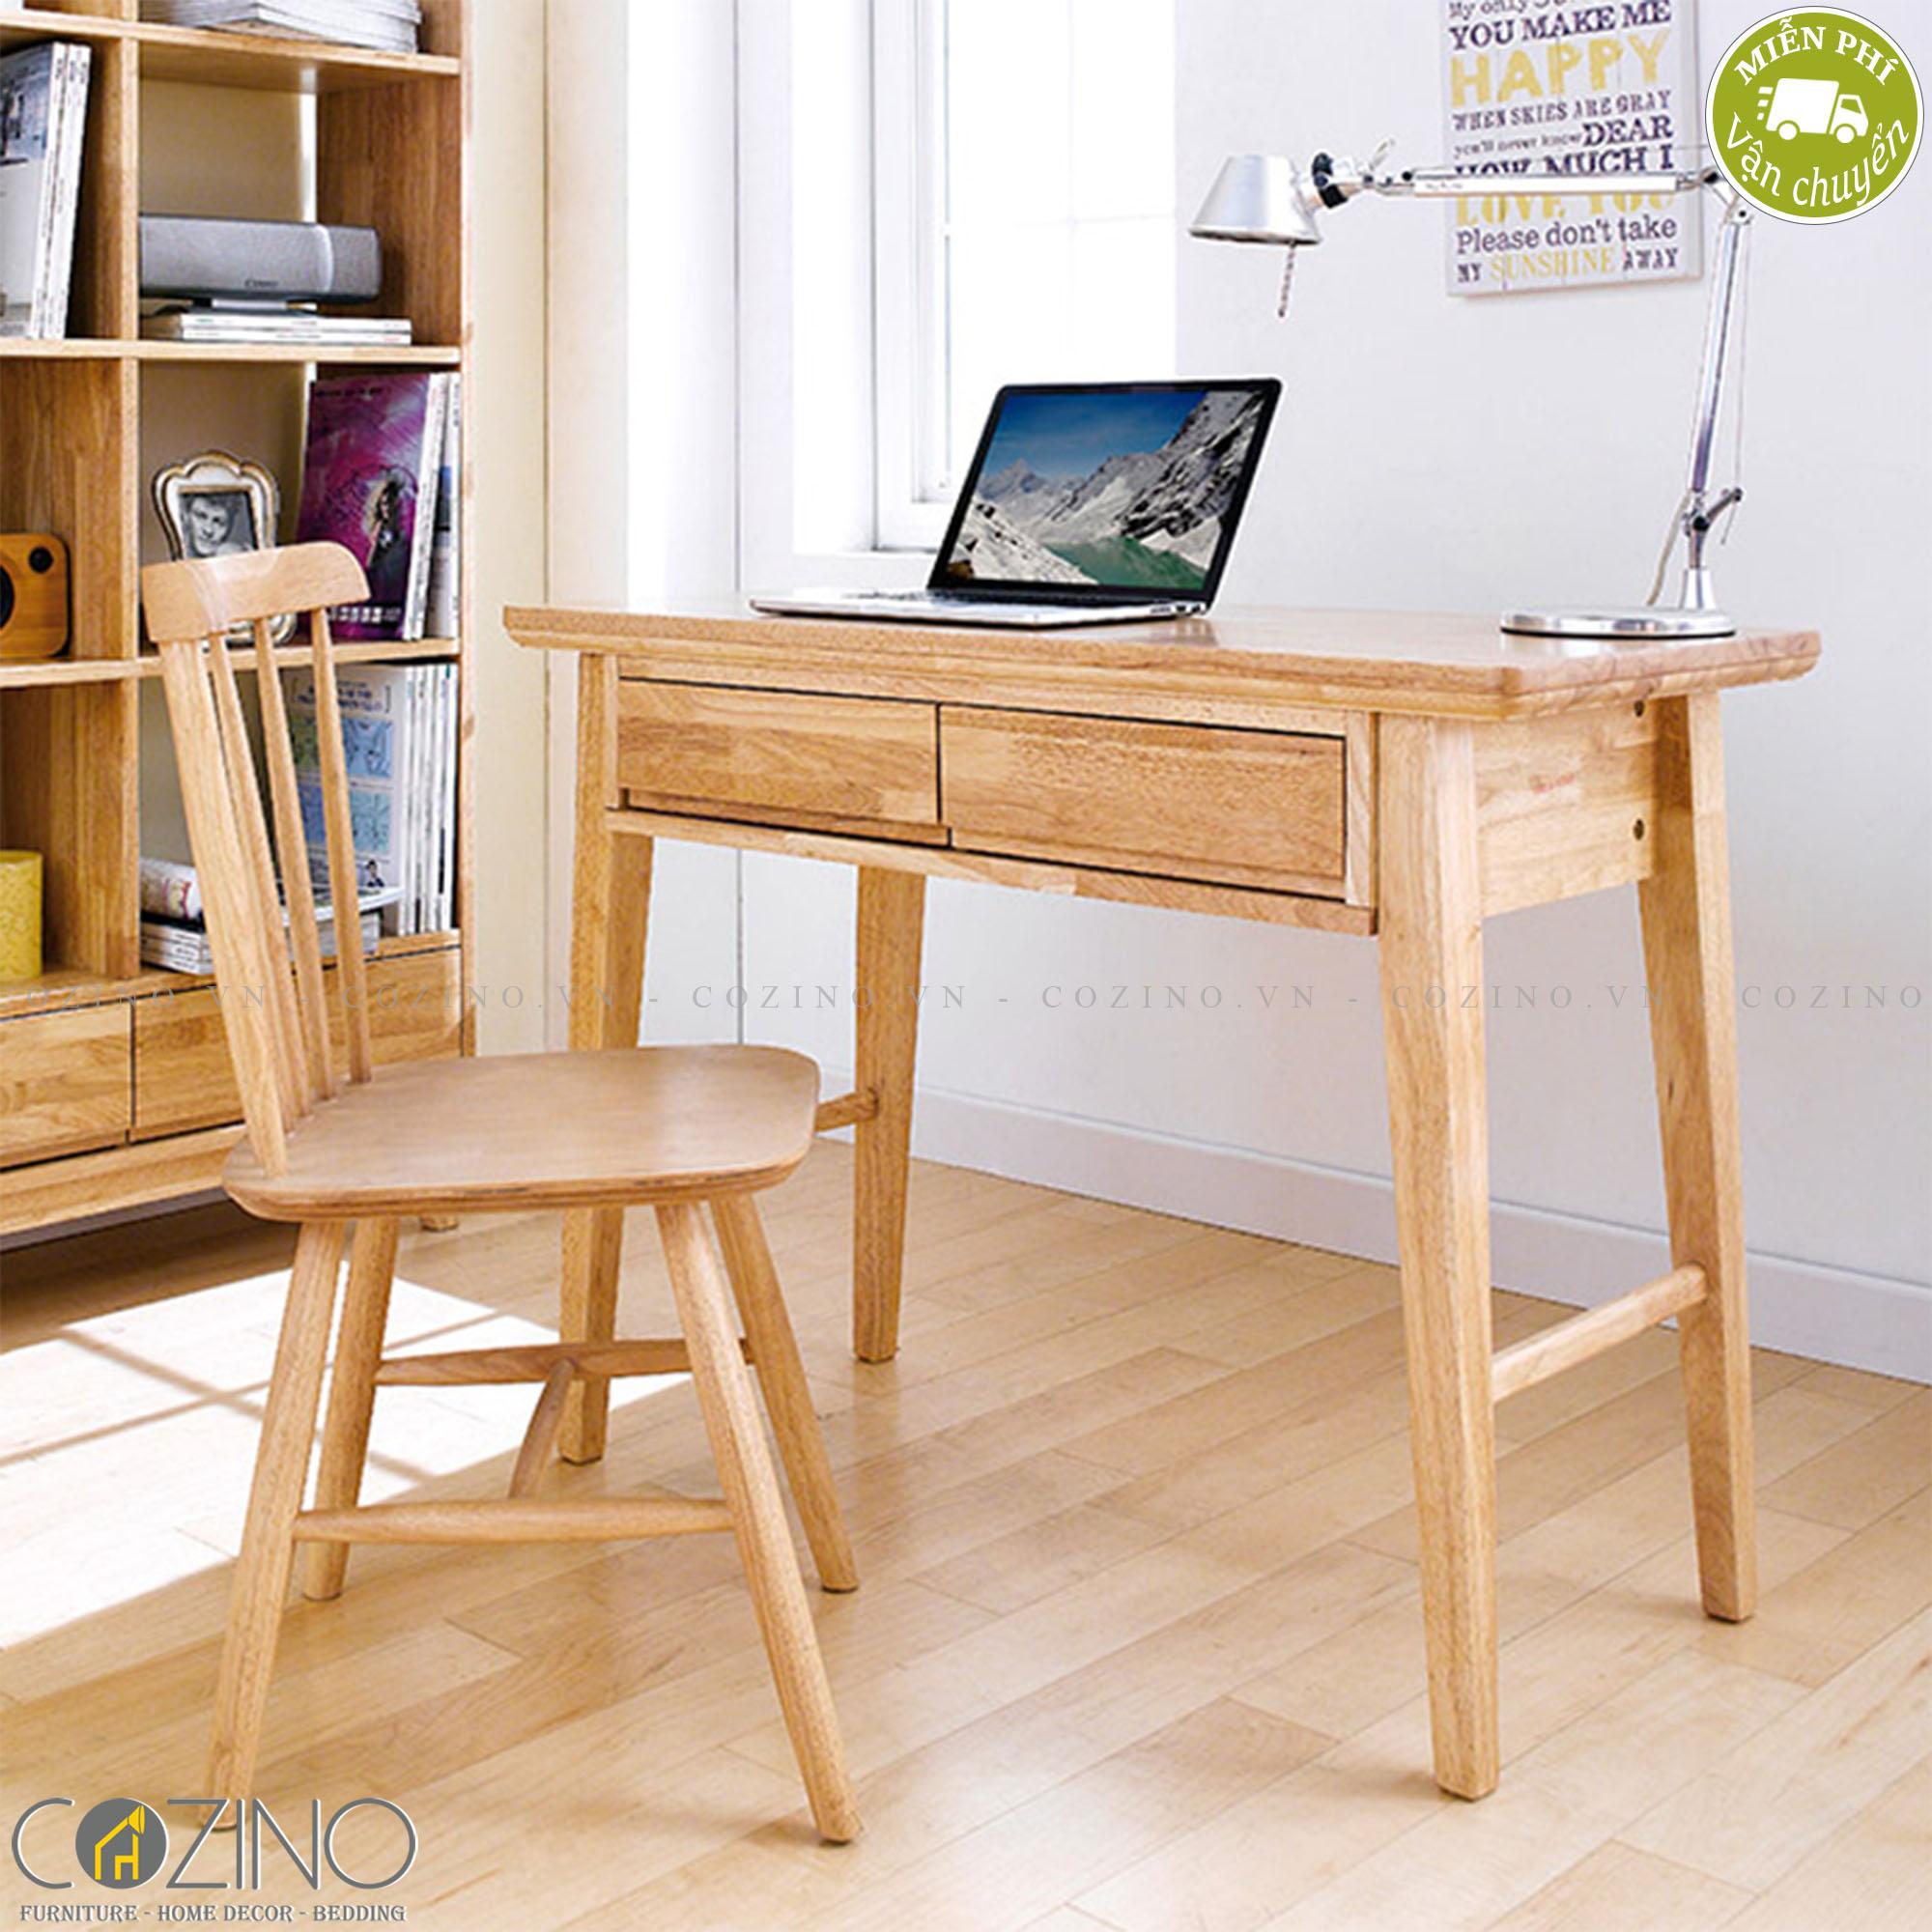 Bàn làm việc nhỏ IXORA gỗ cao su (không ghế) - cozino